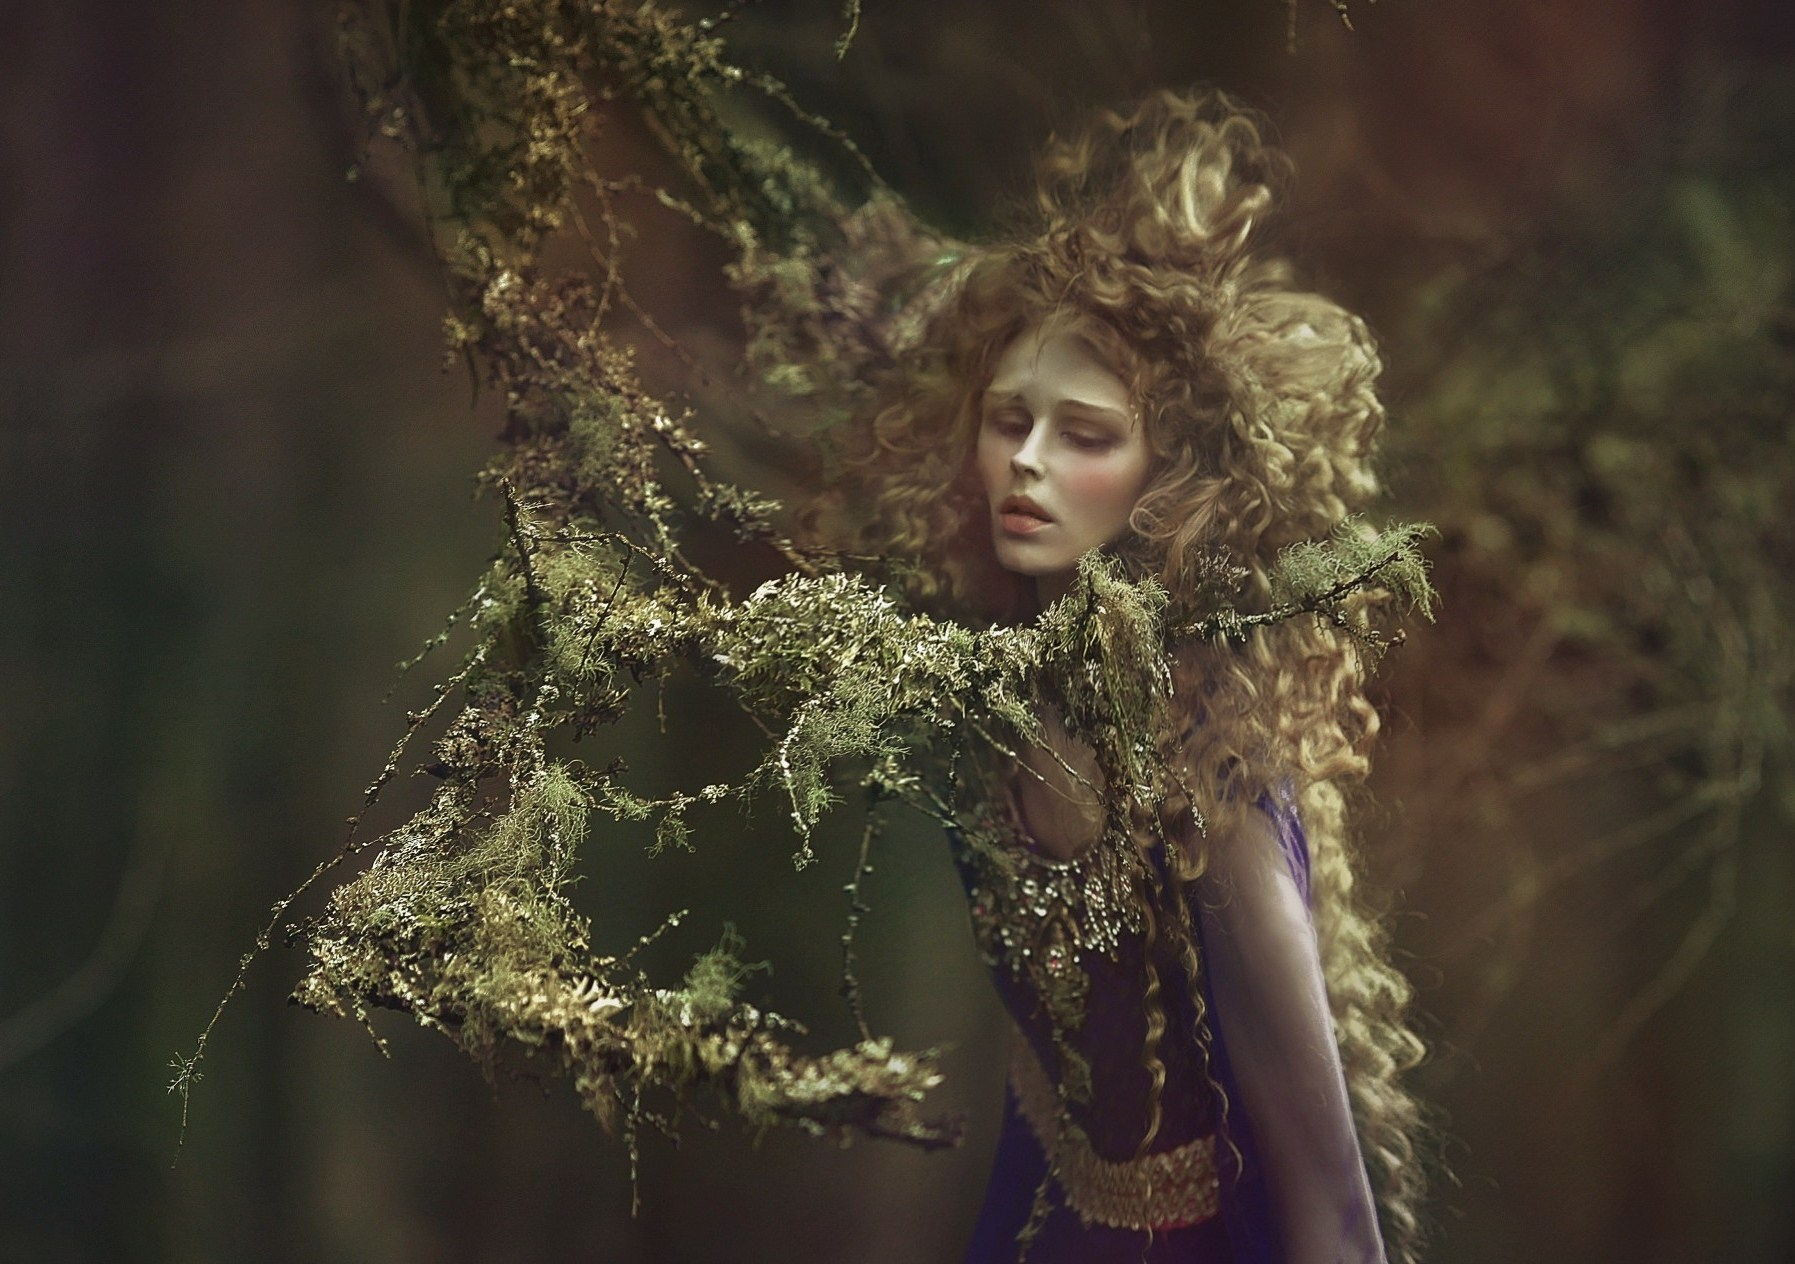 представляет собой фотосессия лесные феи следует что следует